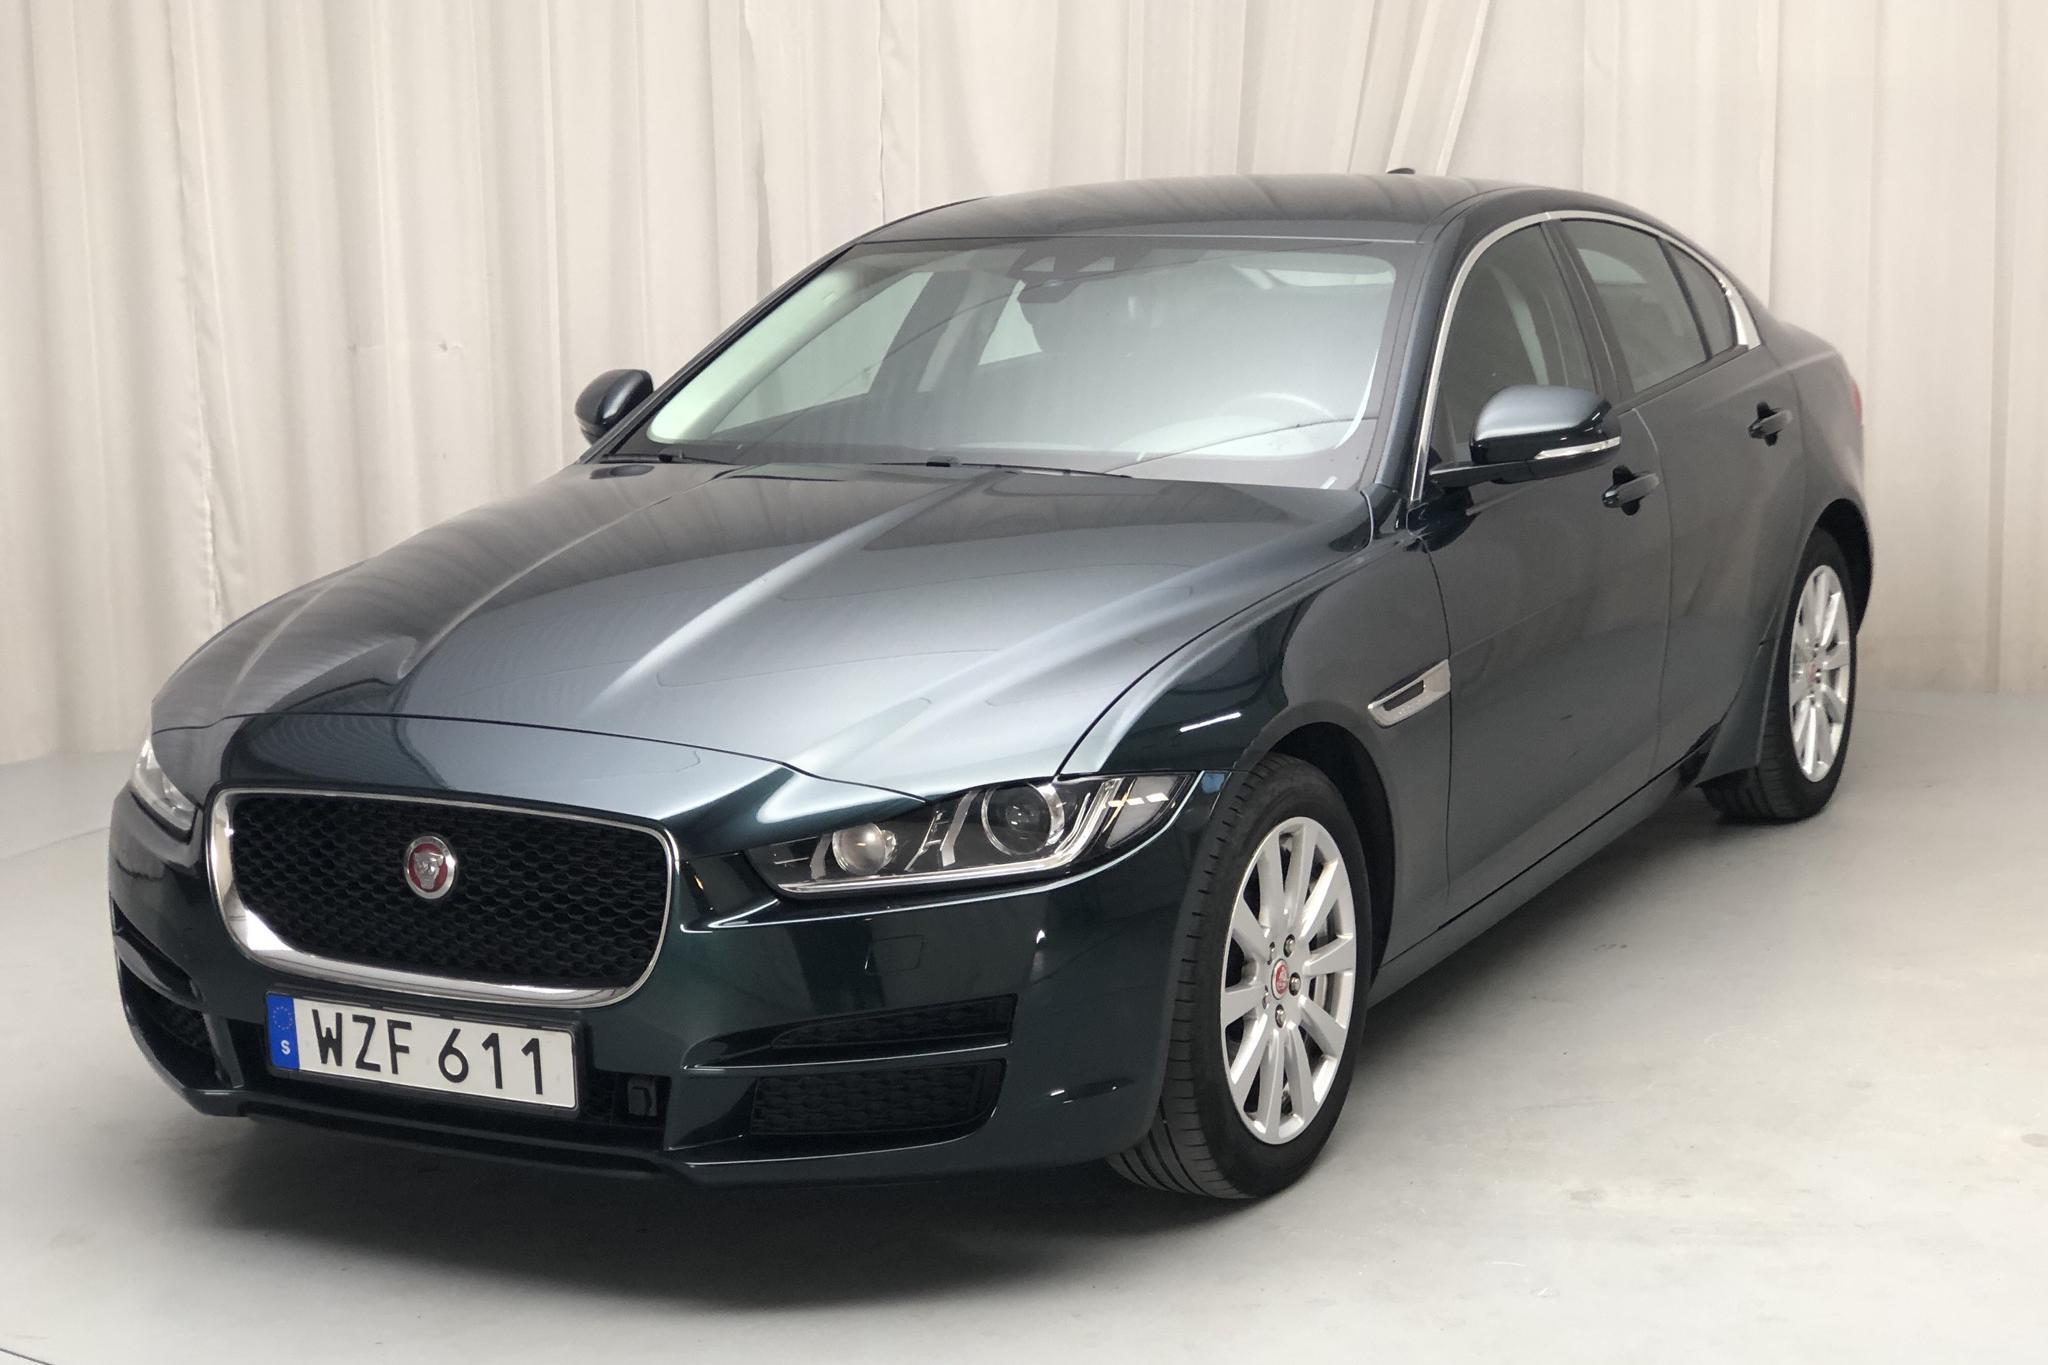 Jaguar XE 2.0D (180hk) - 5 893 mil - Automat - grön - 2017